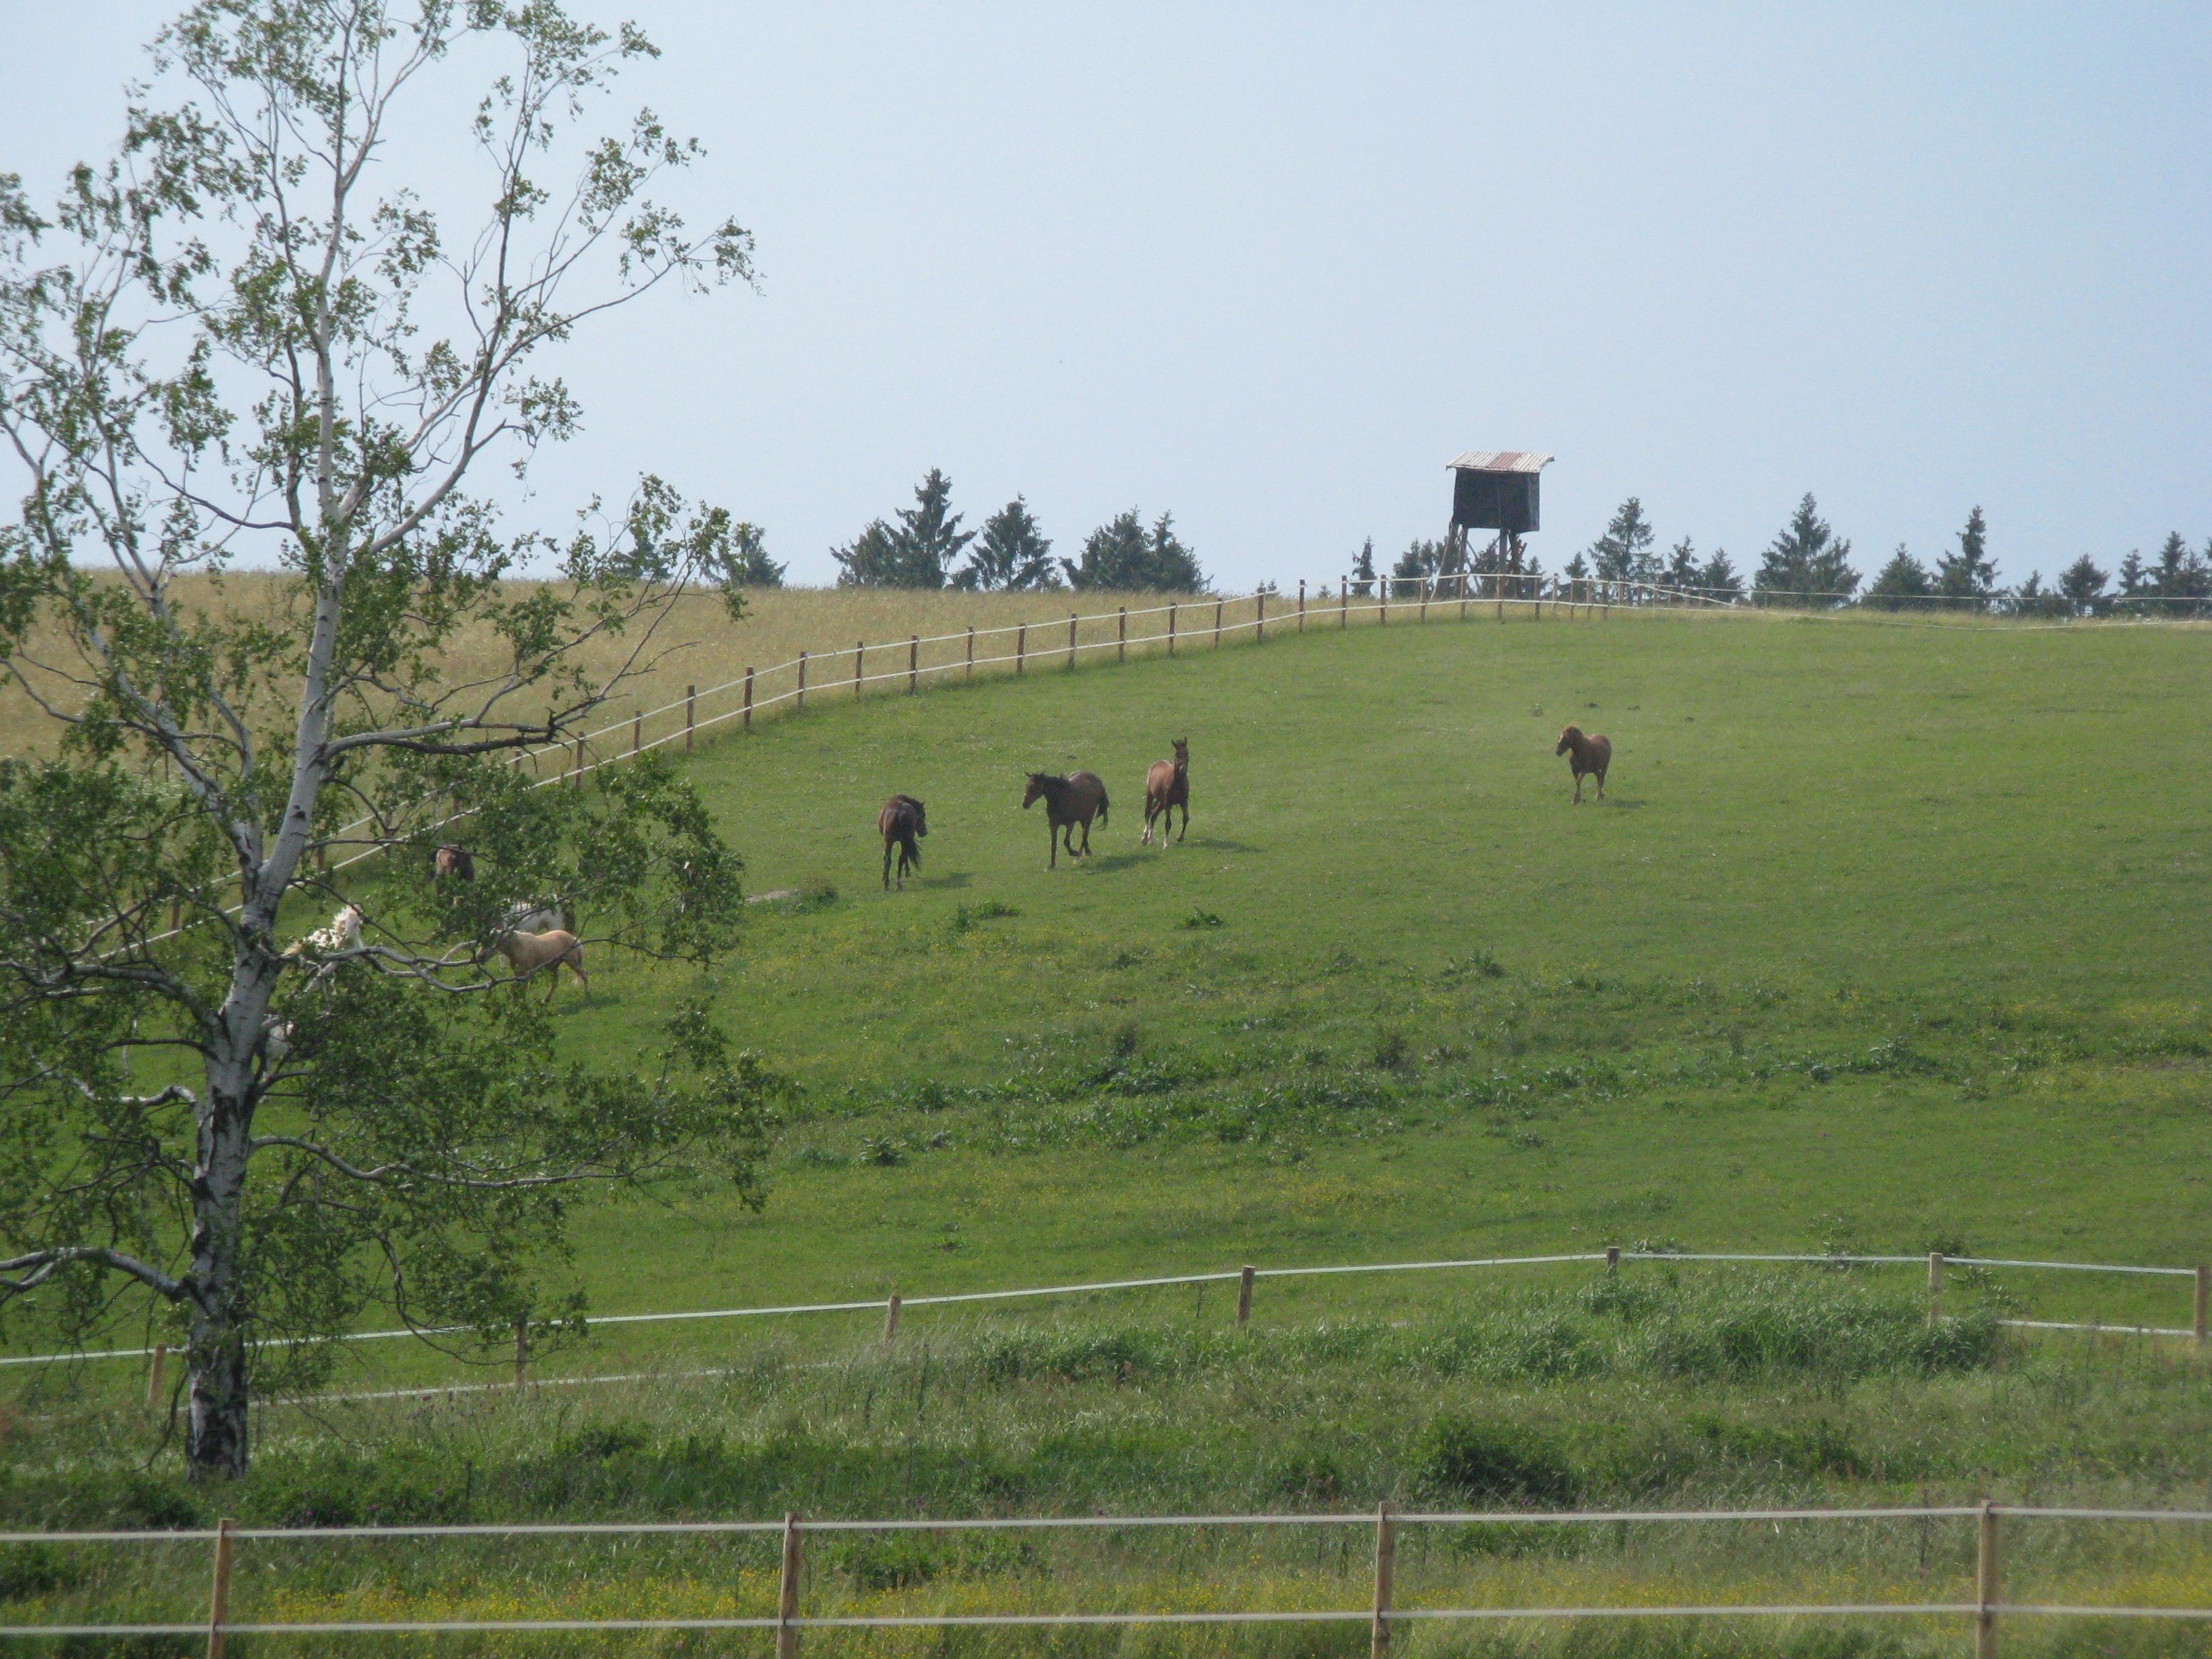 Foto 3: Asi bych jí ukecal, jen pokud by k té chaloupce patřila i tahle ohrada, koně má ráda.